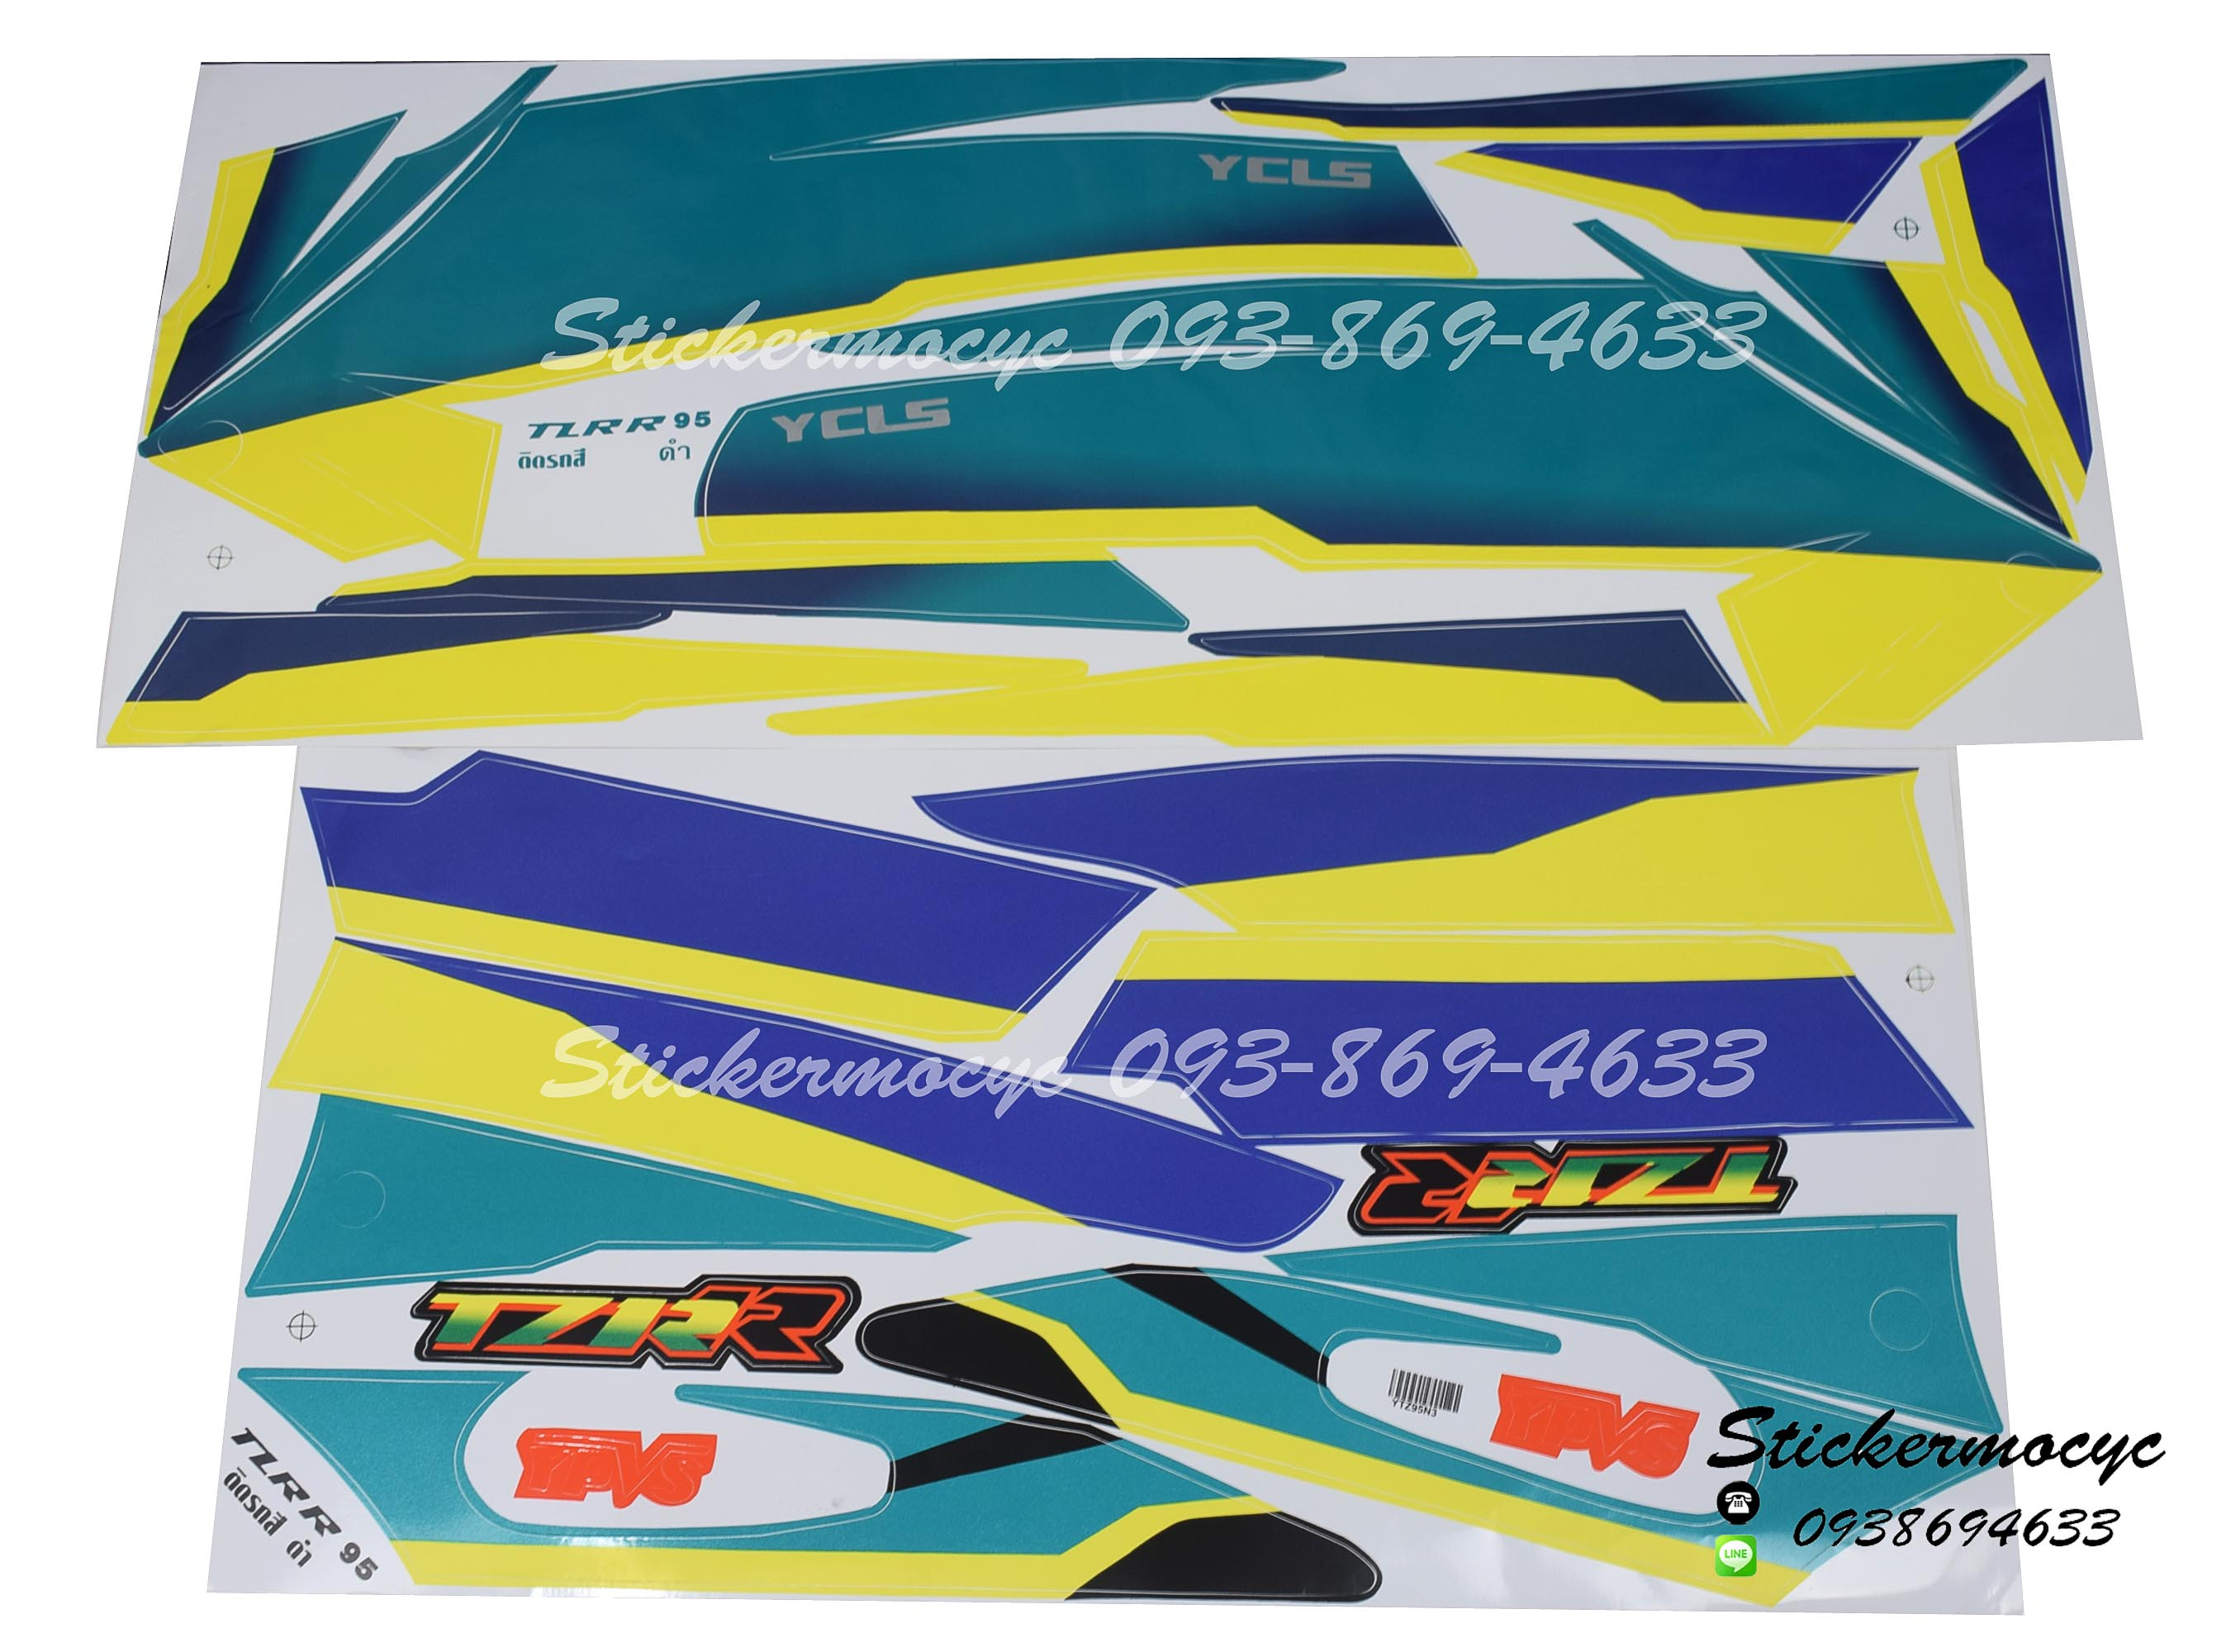 สติ๊กเกอร์ติดรถ มอเตอร์ไซค์ ยามาฮ่า TZR Sticker Yamaha TZR ปี 1995 ติดรถสี ดำ